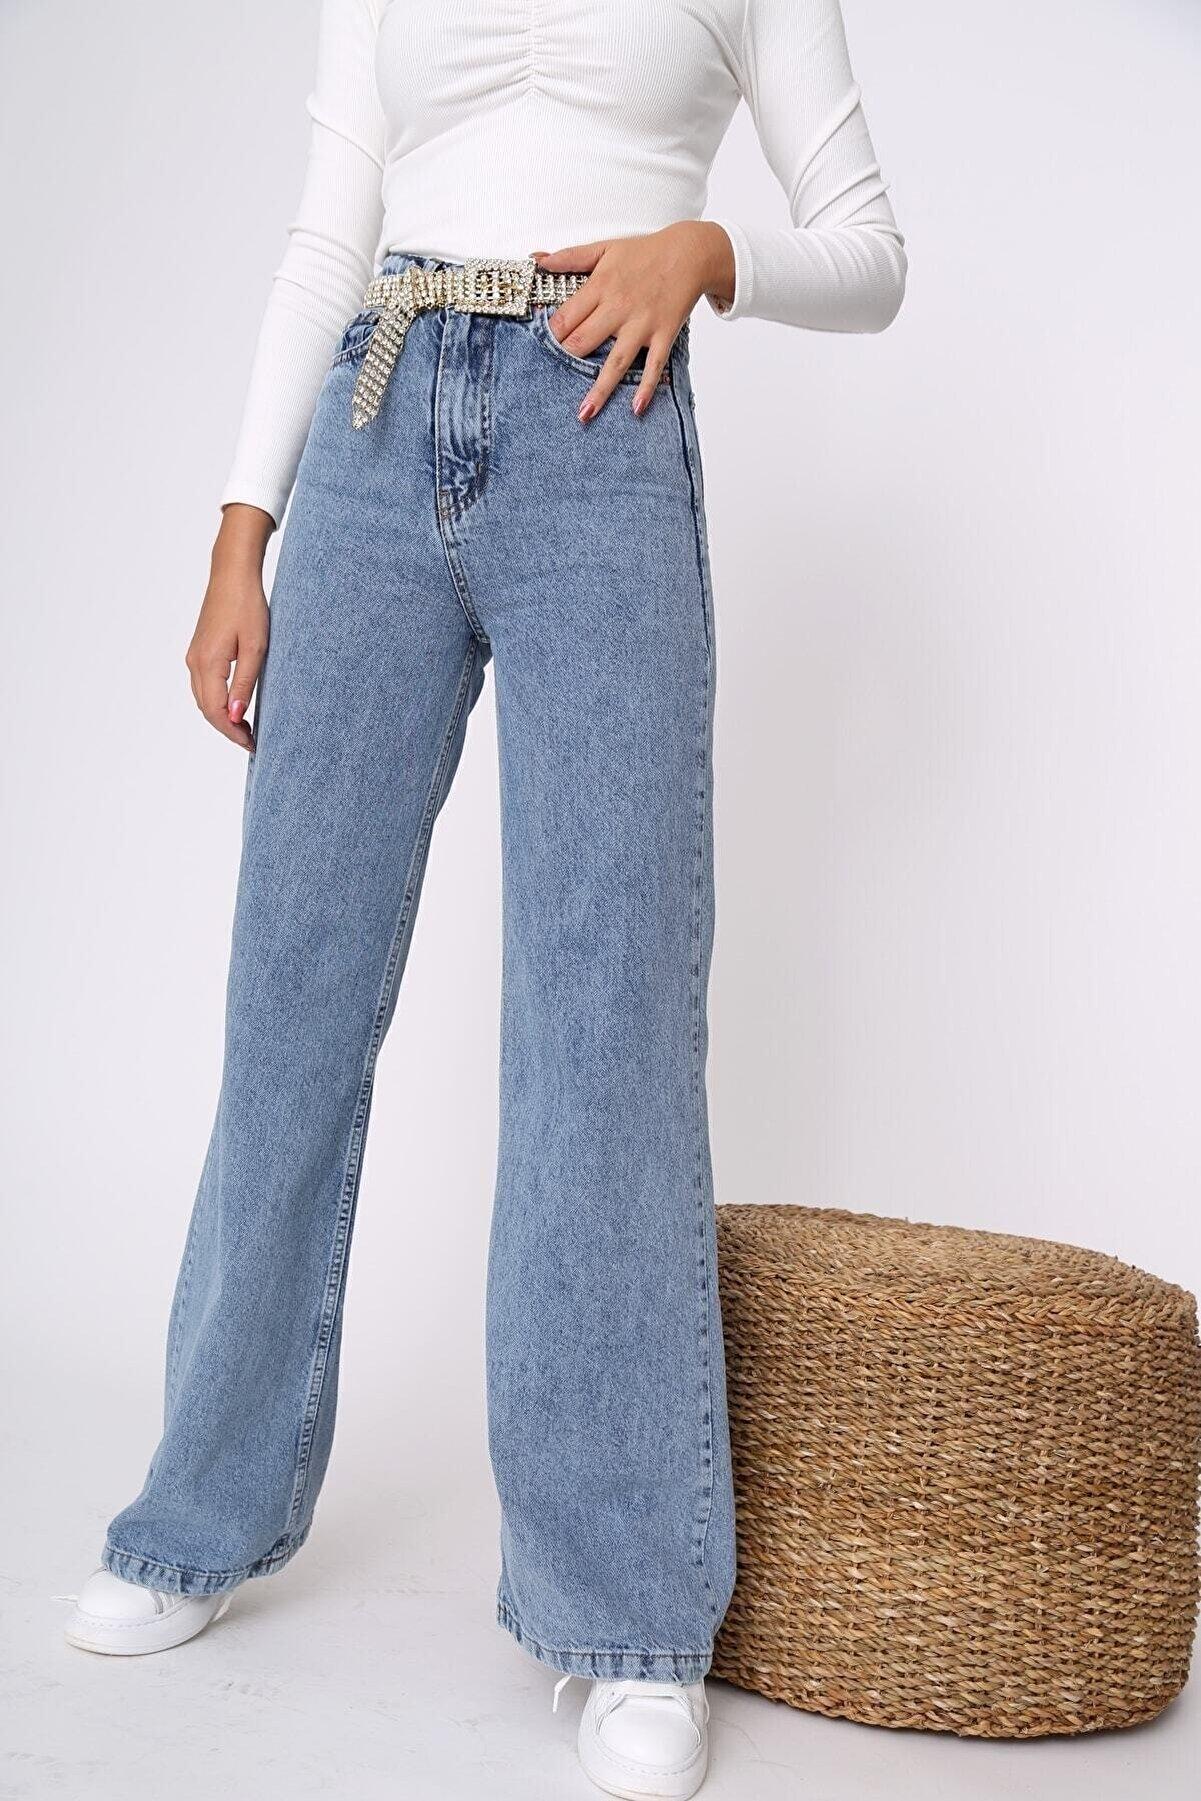 MODA AKIMI Kadın Mavi Kar Yıkamalı Likralı Süper Yüksek Bel Geniş Paça Jean